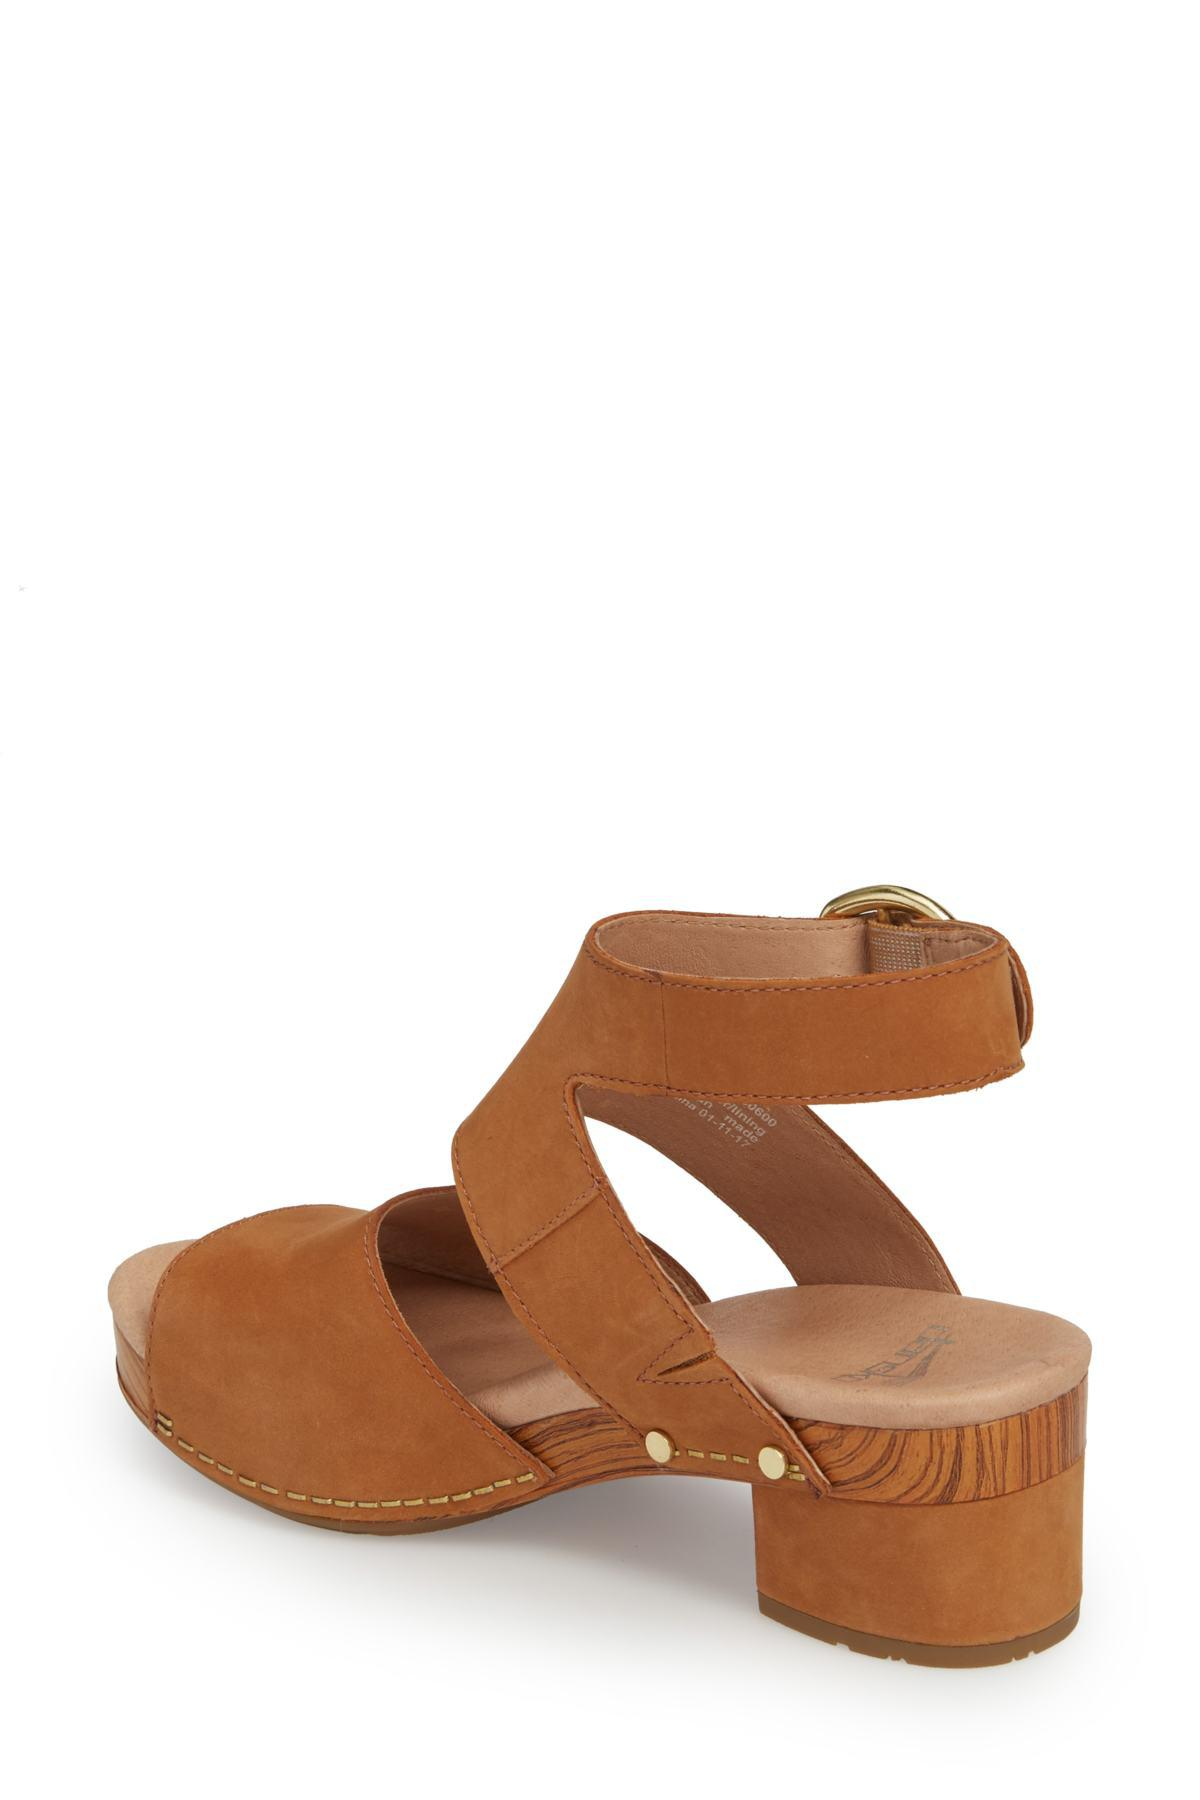 b5cb7929c4b Lyst - Dansko Minka Sandal in Brown